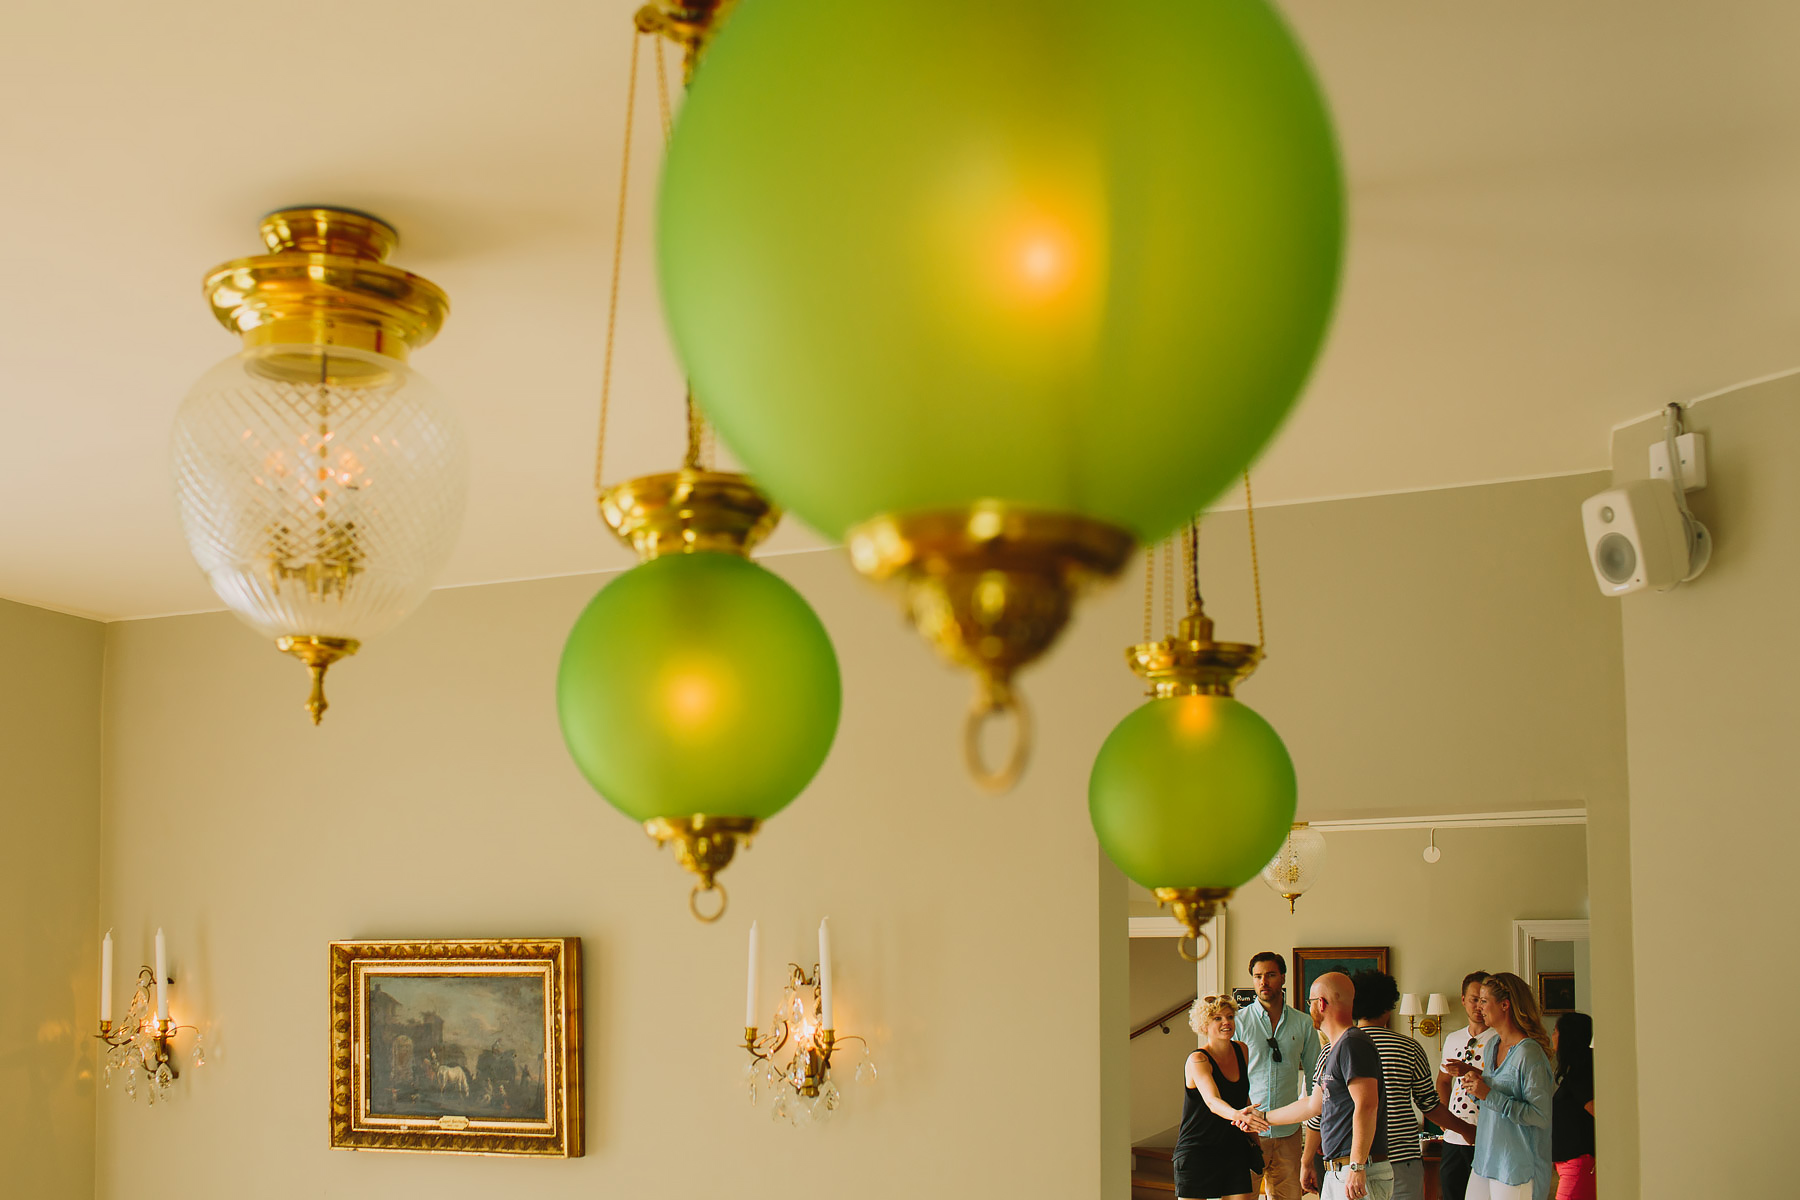 Gästerna anländer till rum med gröna lampor